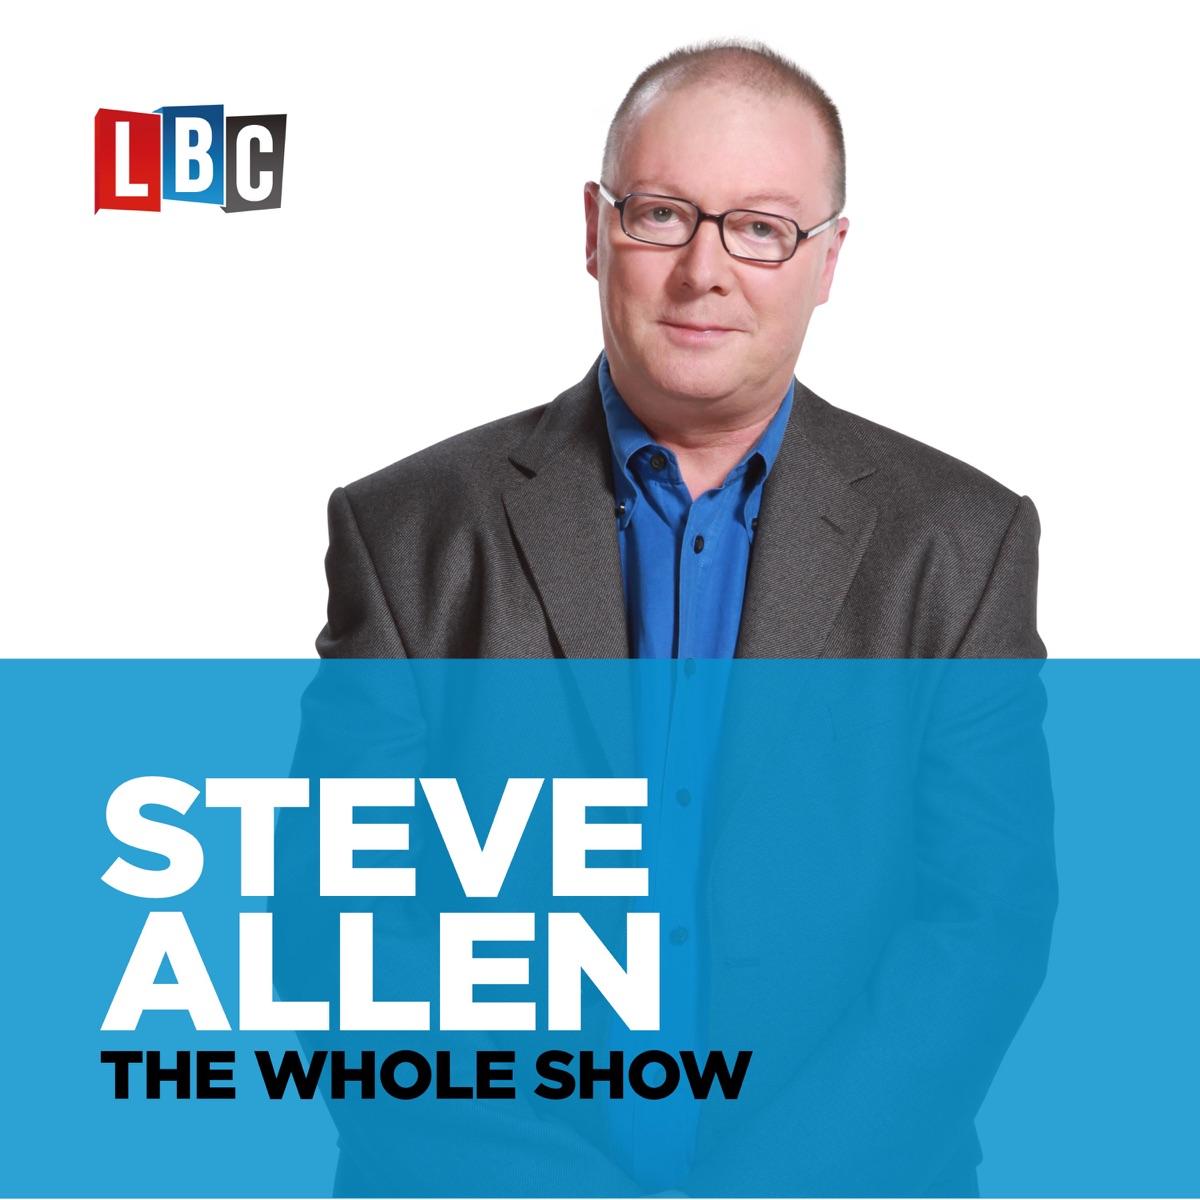 Steve Allen - The Whole Show